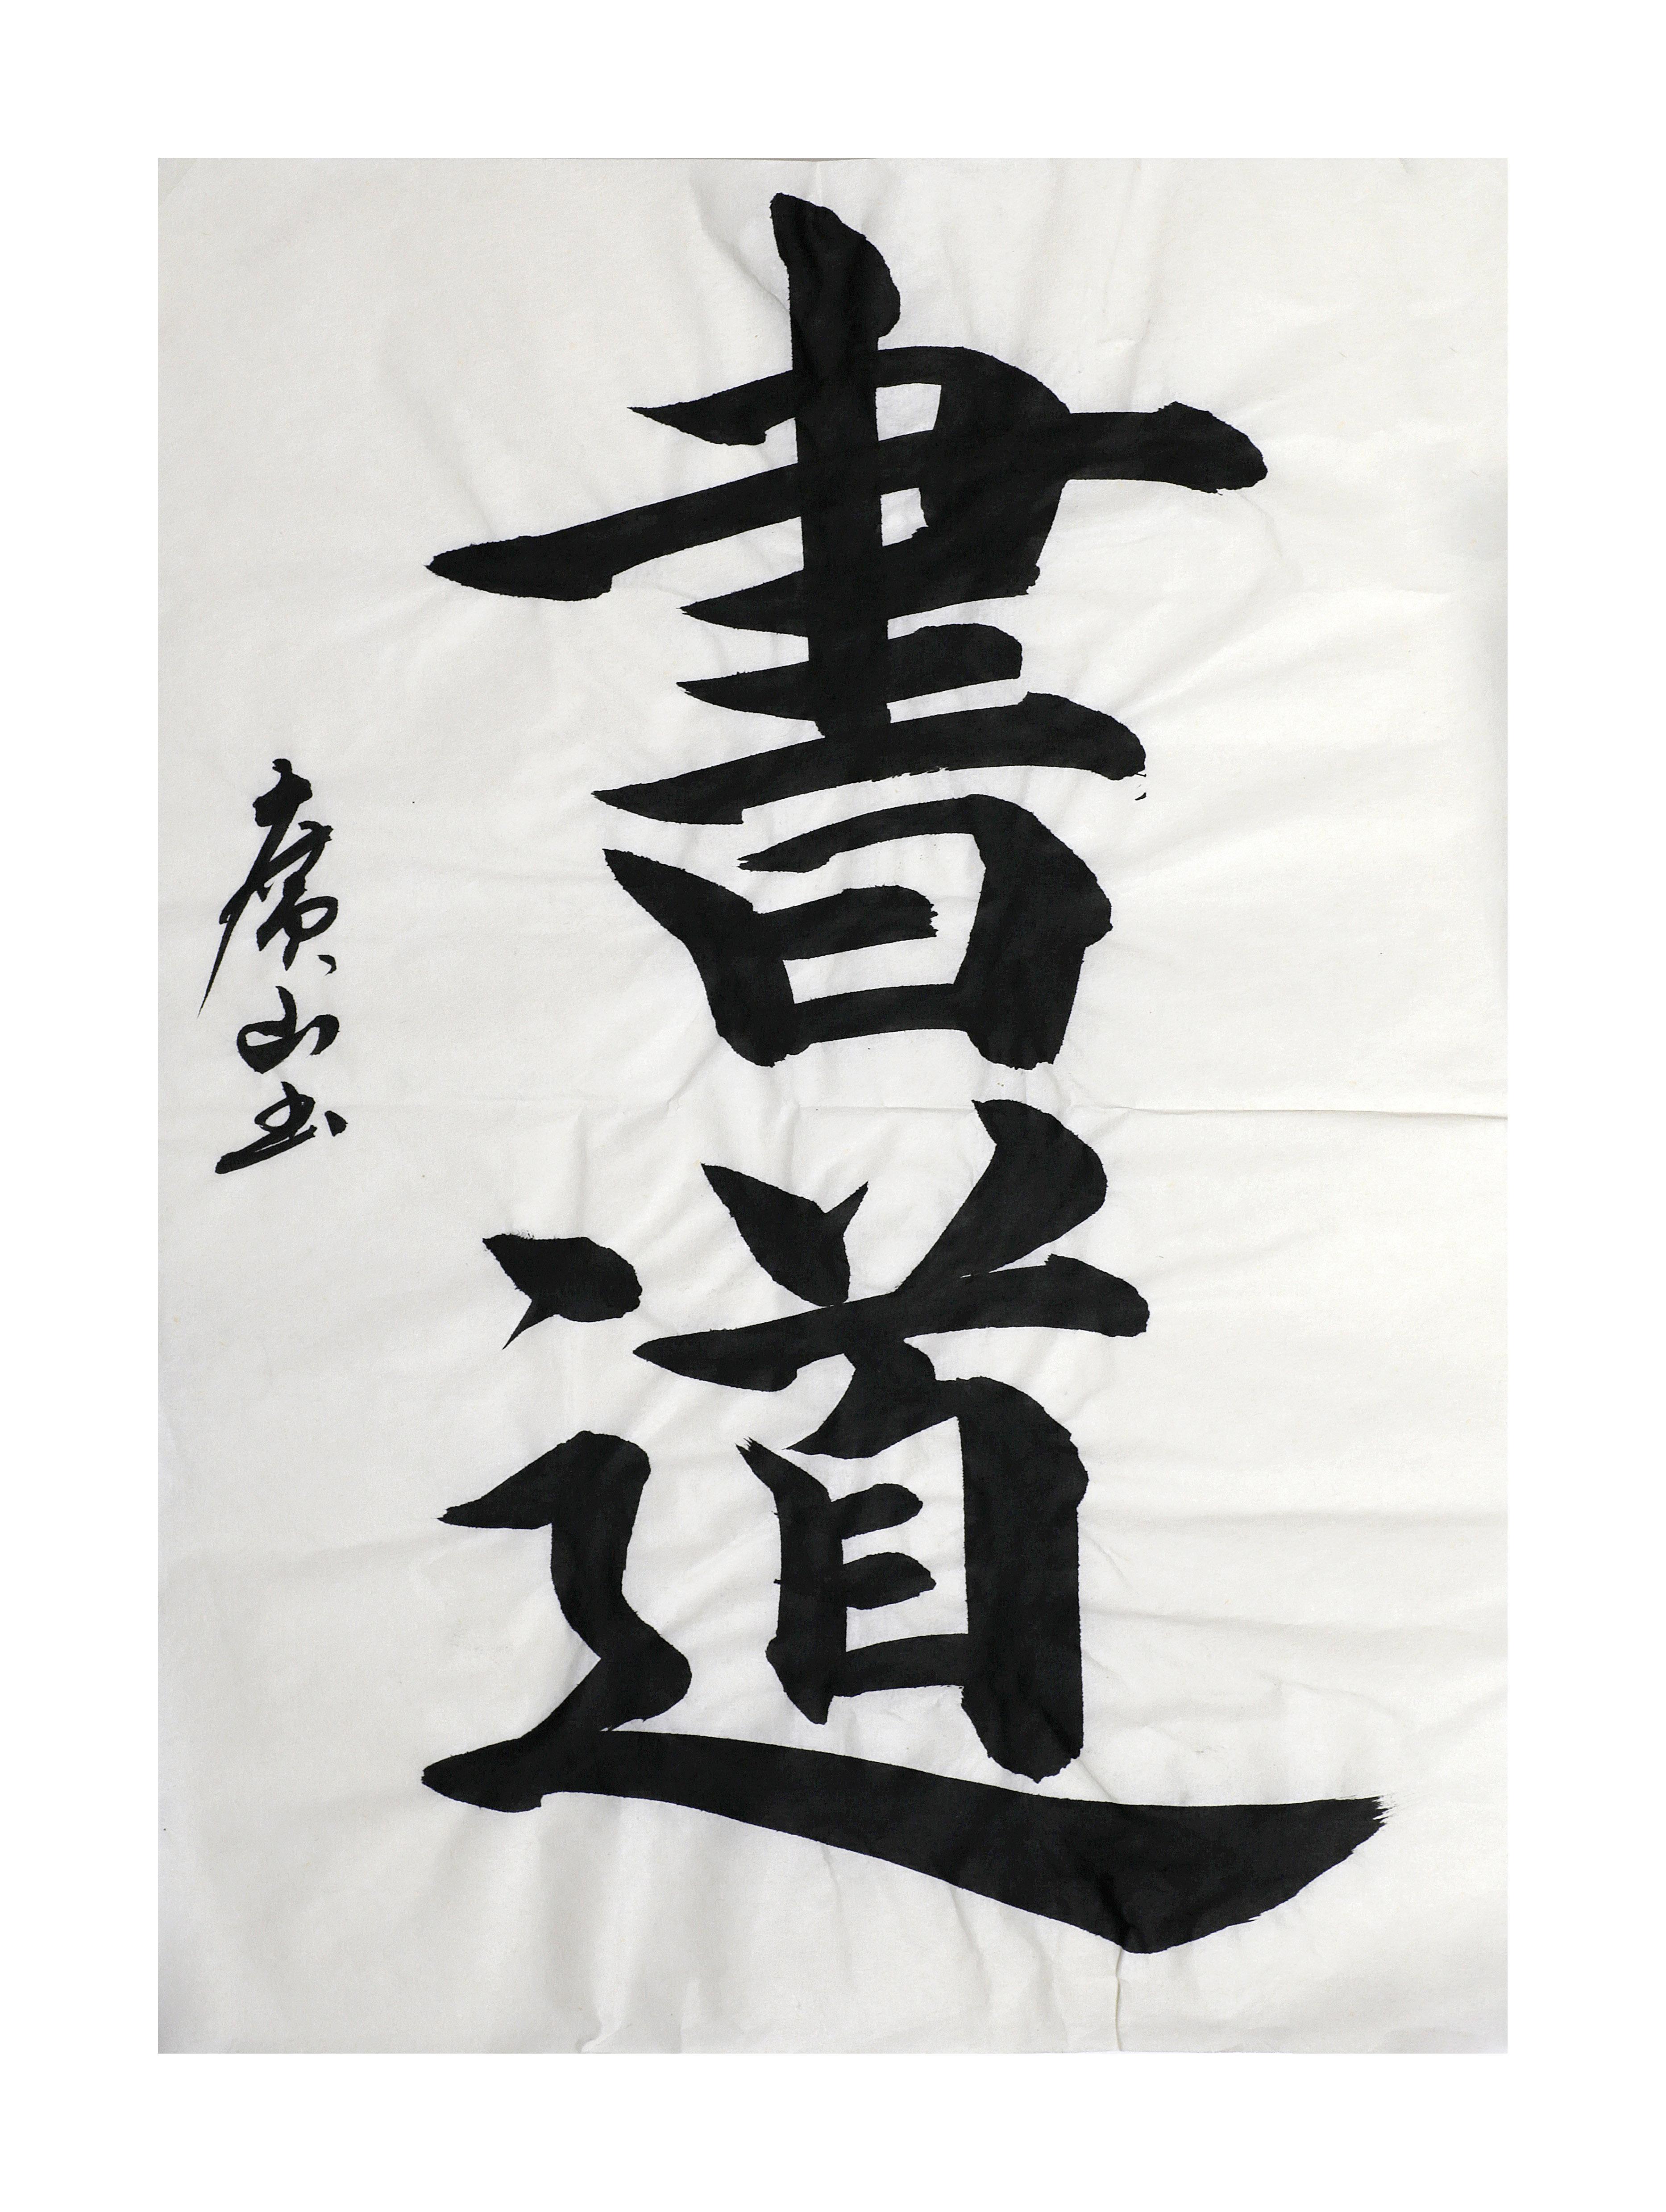 書道 - Calligraphie